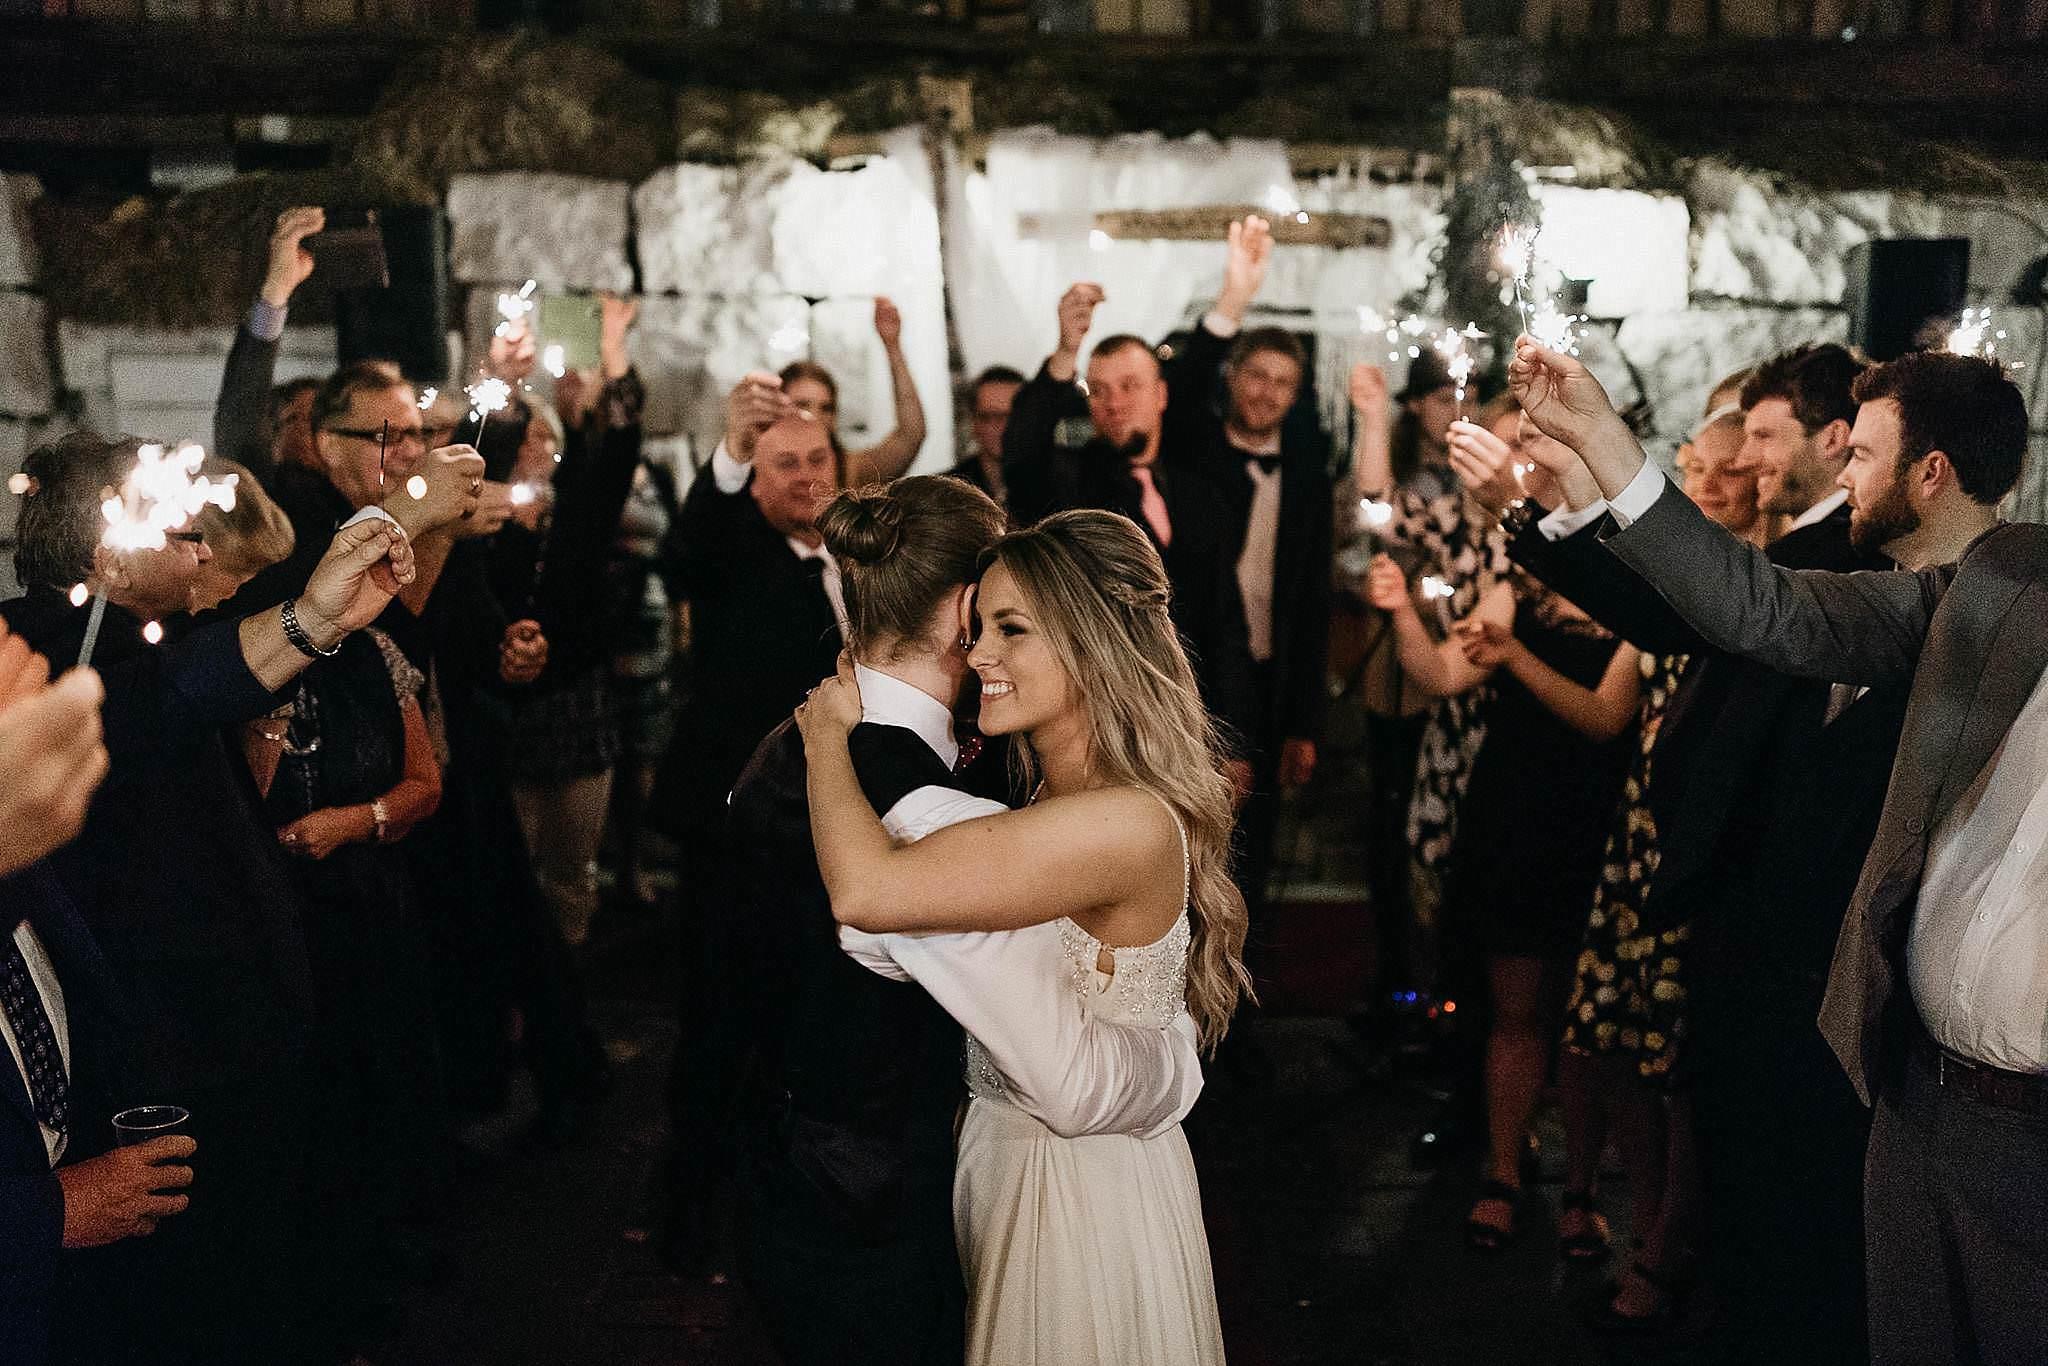 Haakuvaus_wedding_jyvaskyla_muurame_tuomiston_tila_0184.jpg